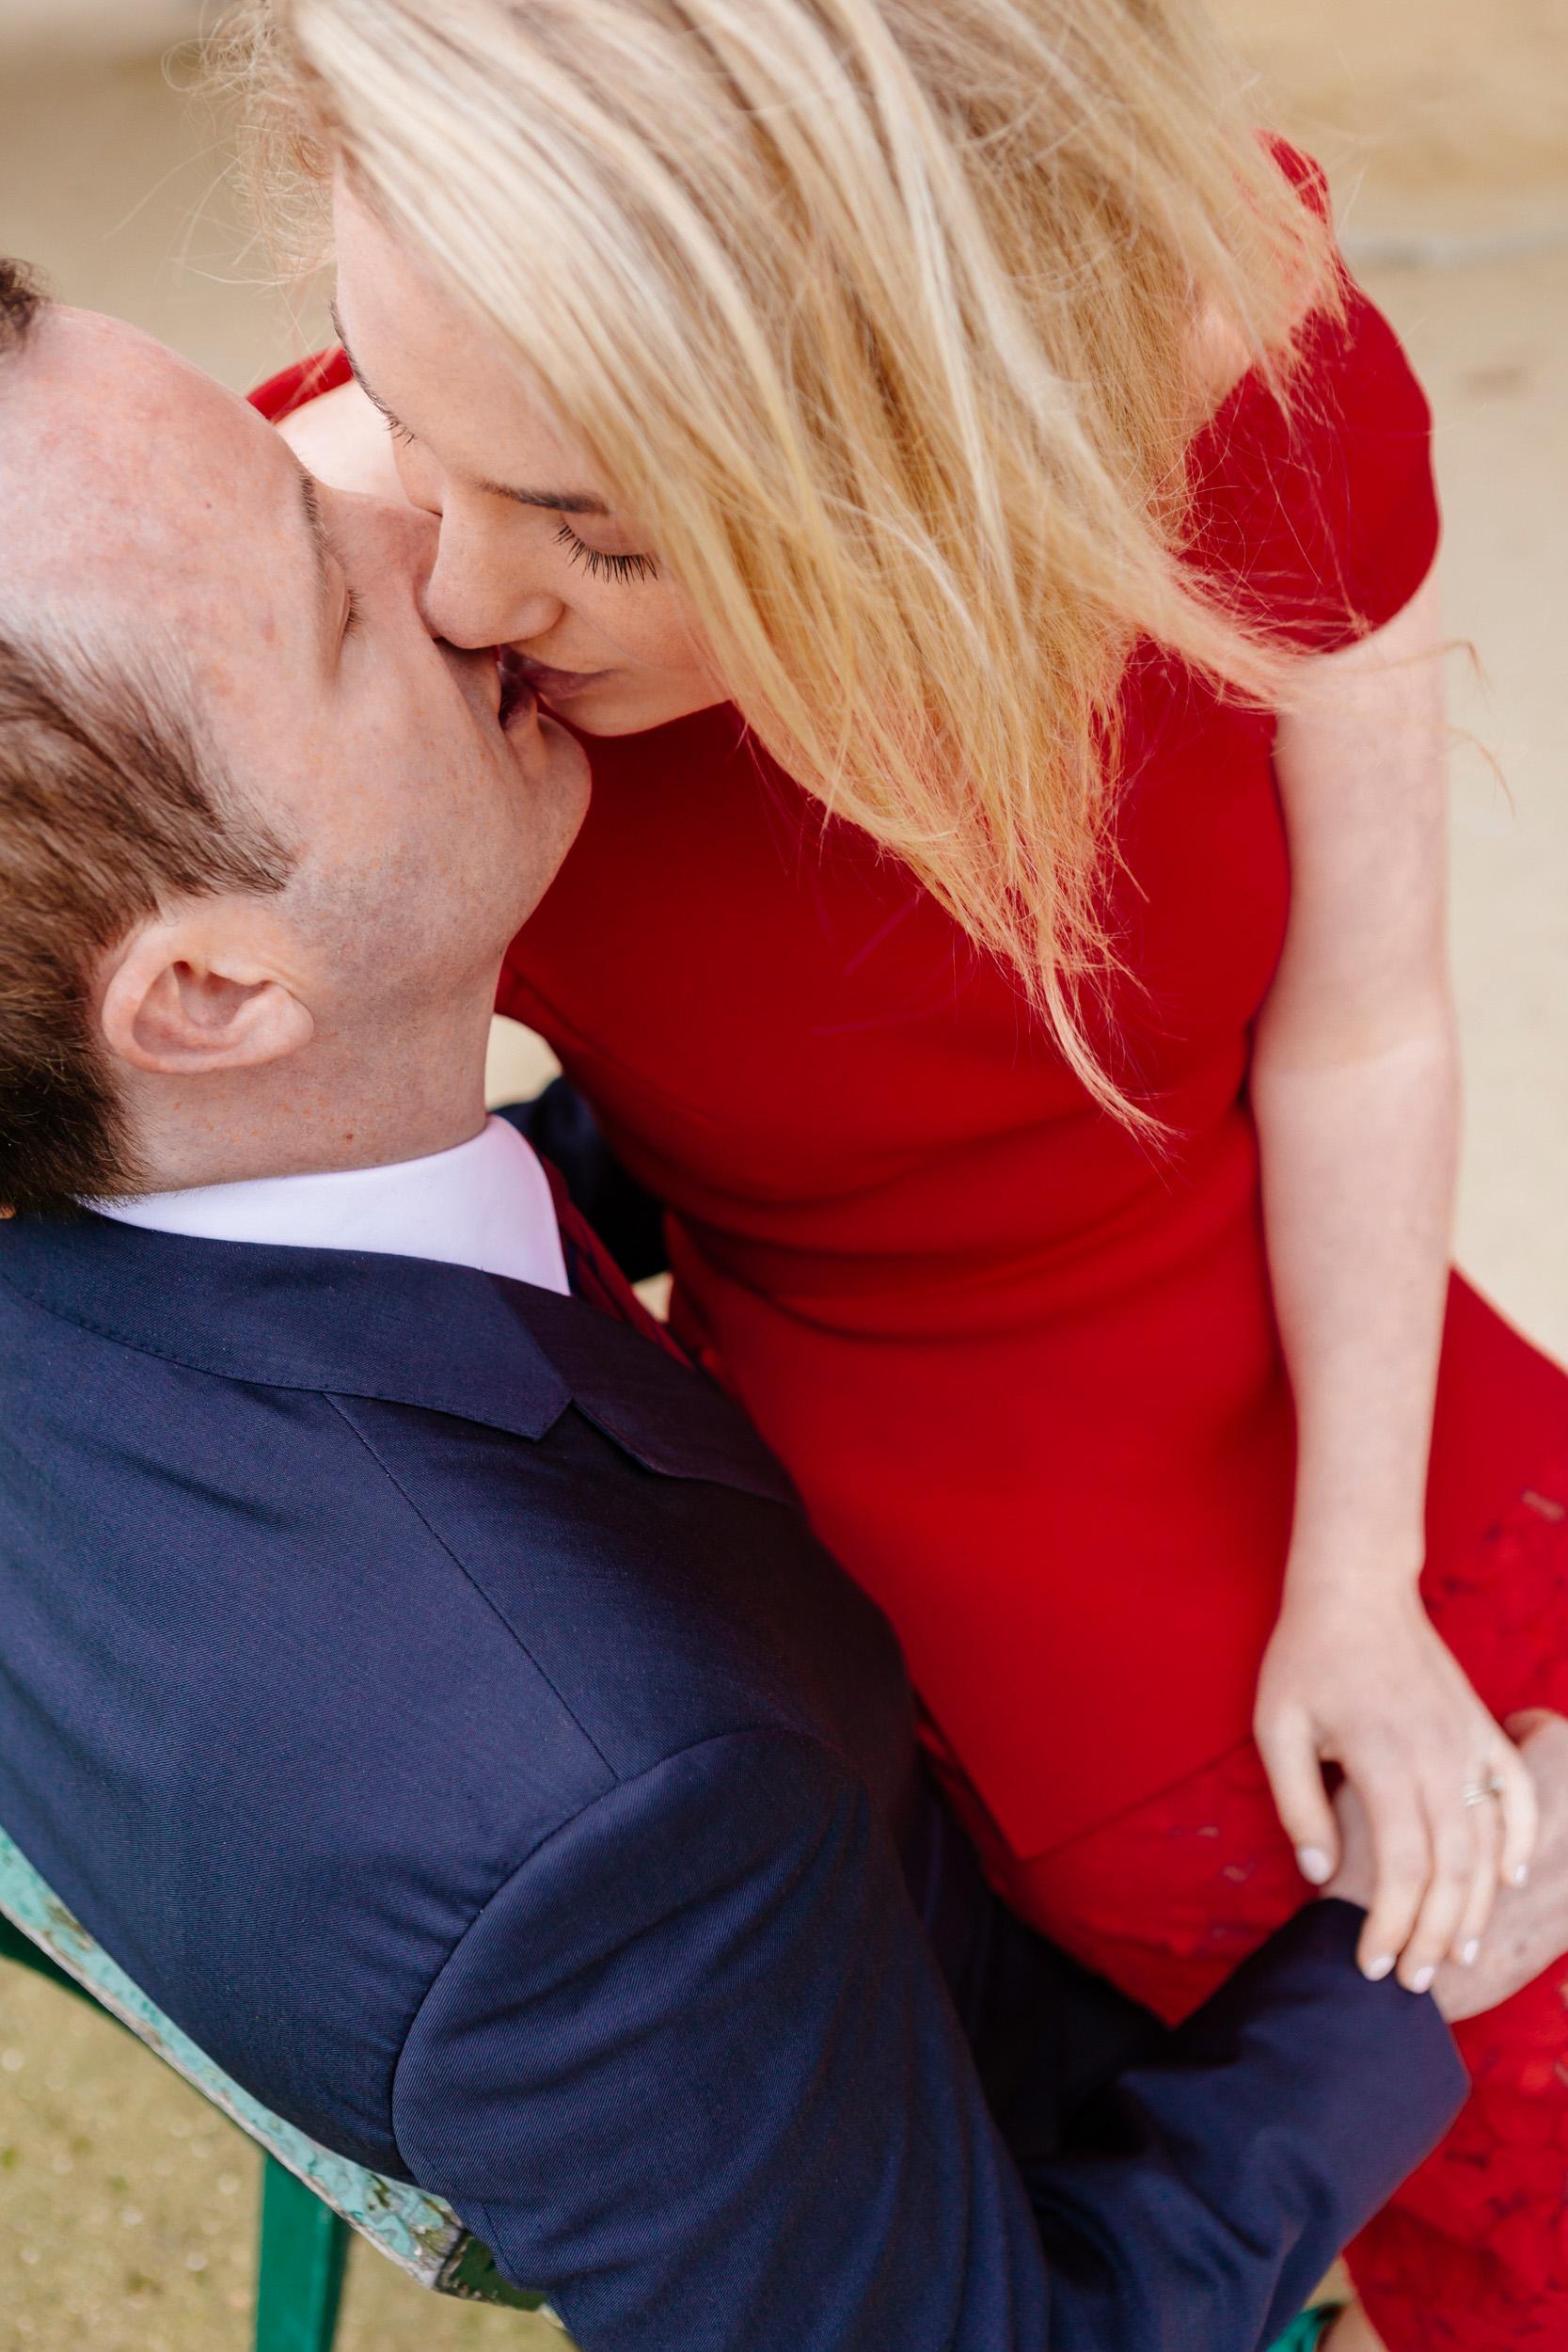 Romantic portrait of a couple kissing captured by Paris Photographer Federico Guendel www.iheartparis.fr